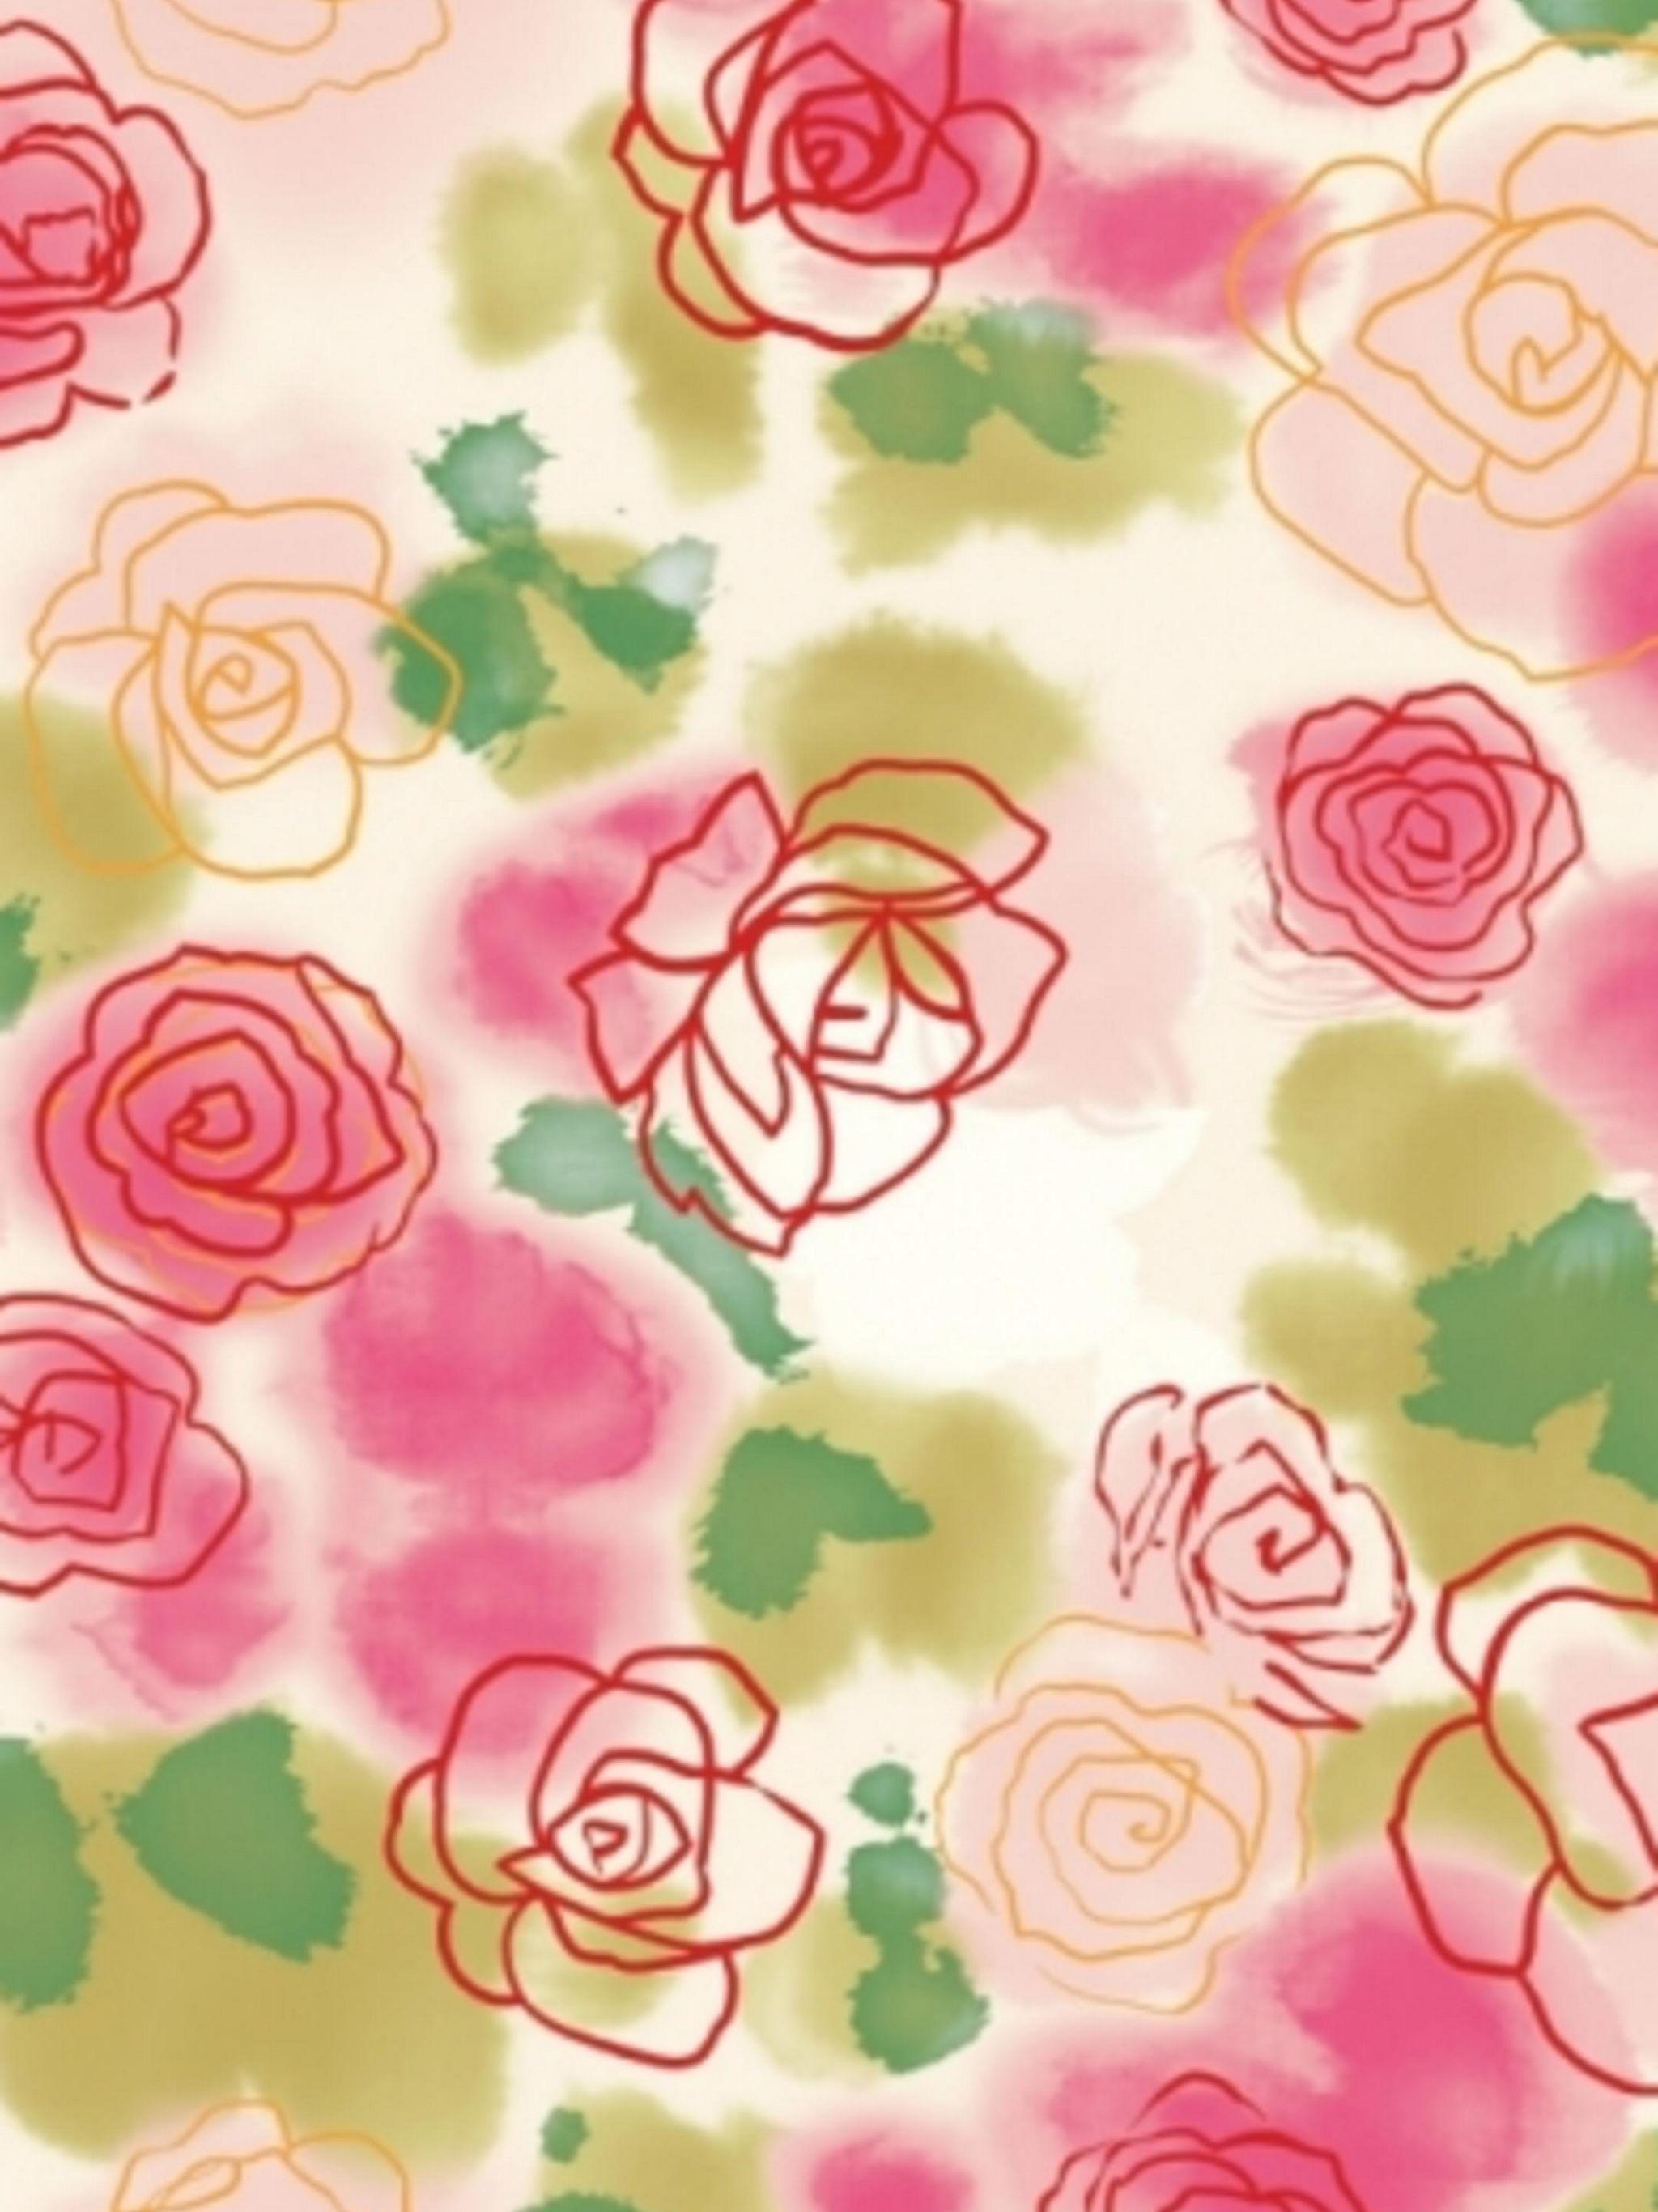 Ipad Wallpaper Hd 184